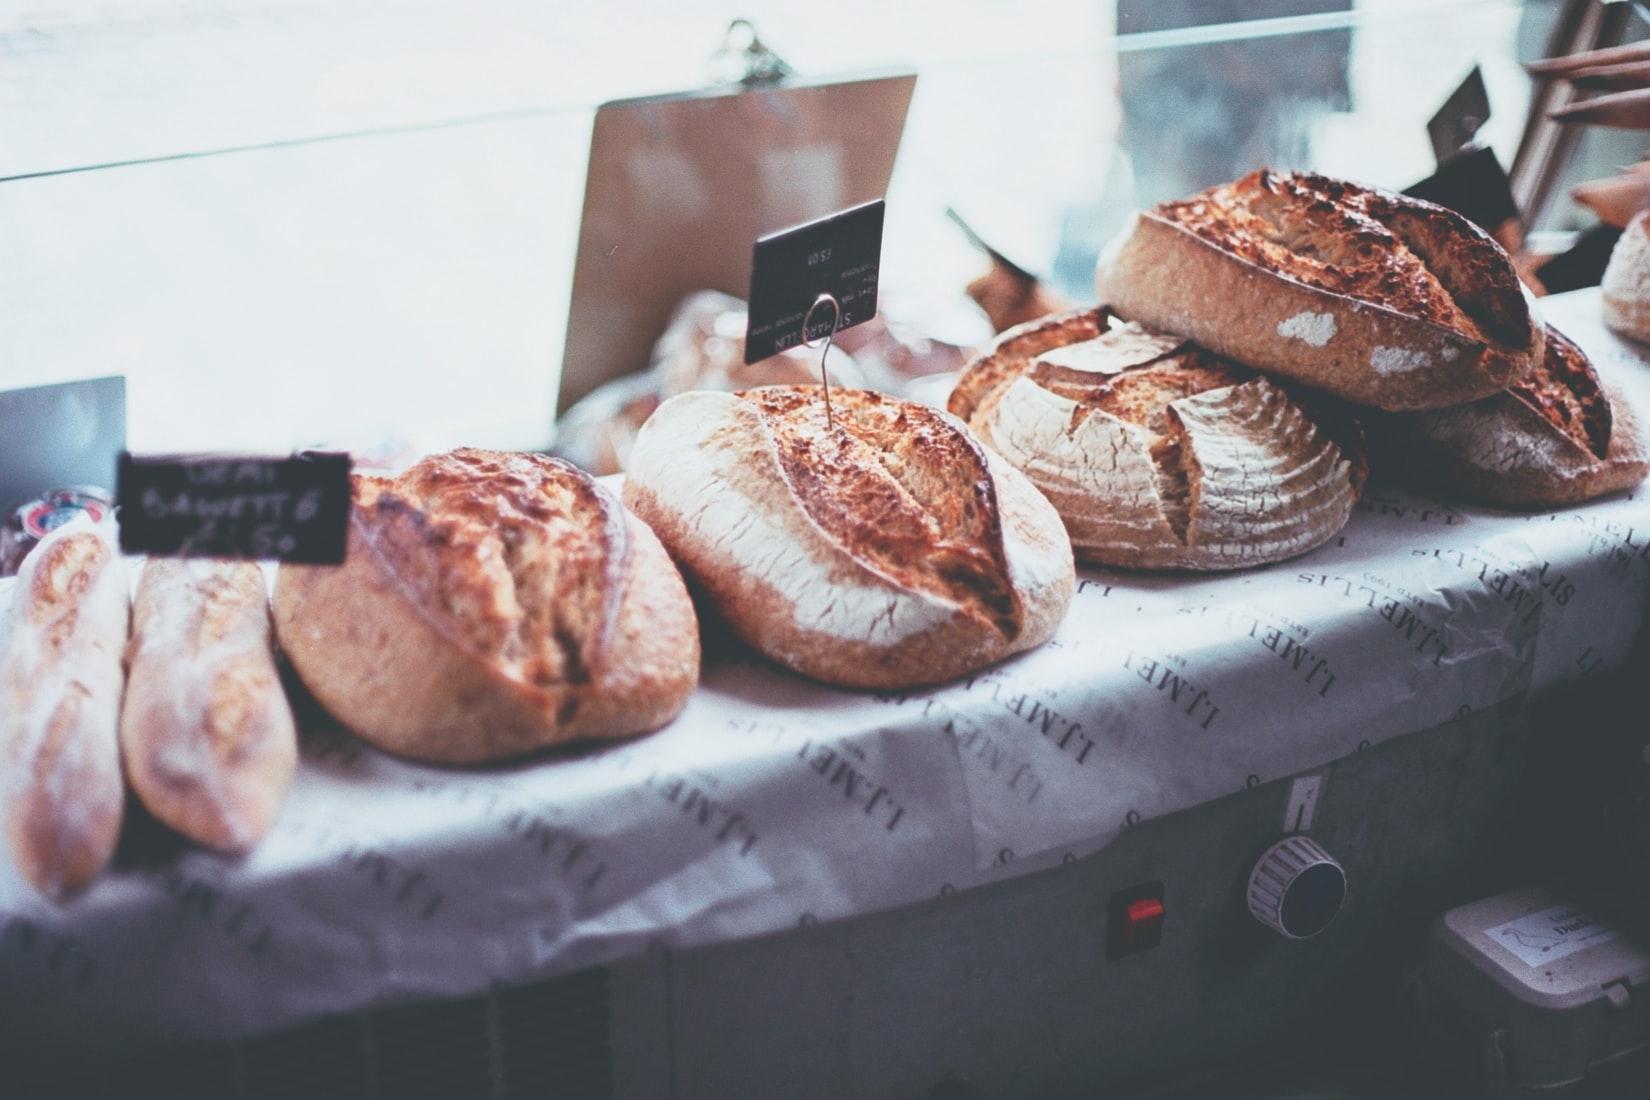 パンに対する罪悪感を切実に無くしたい